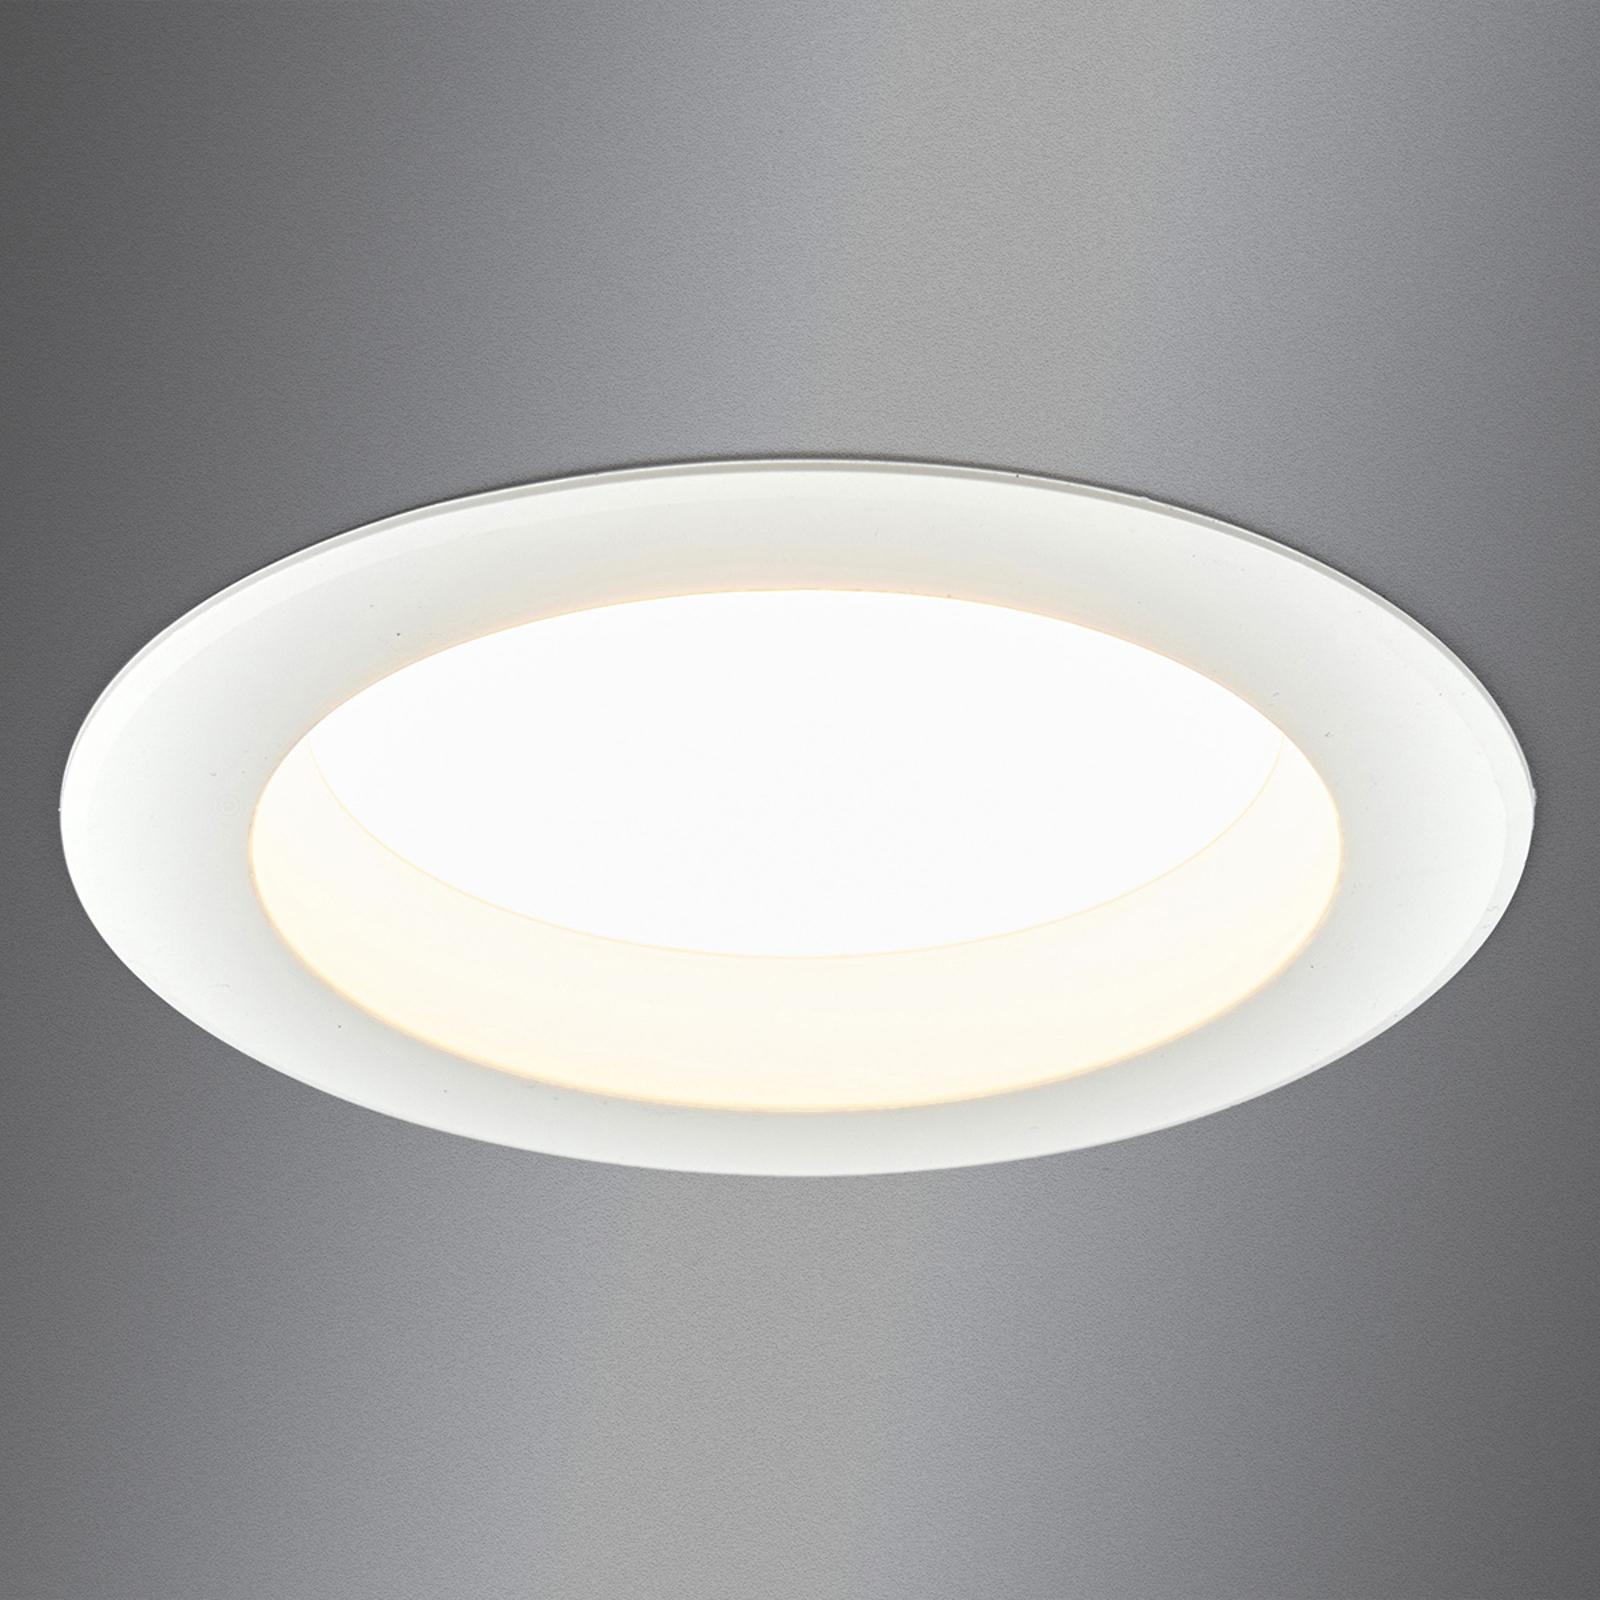 Silné LED podhledové svítidlo Arian 14,5 cm 12,5 W